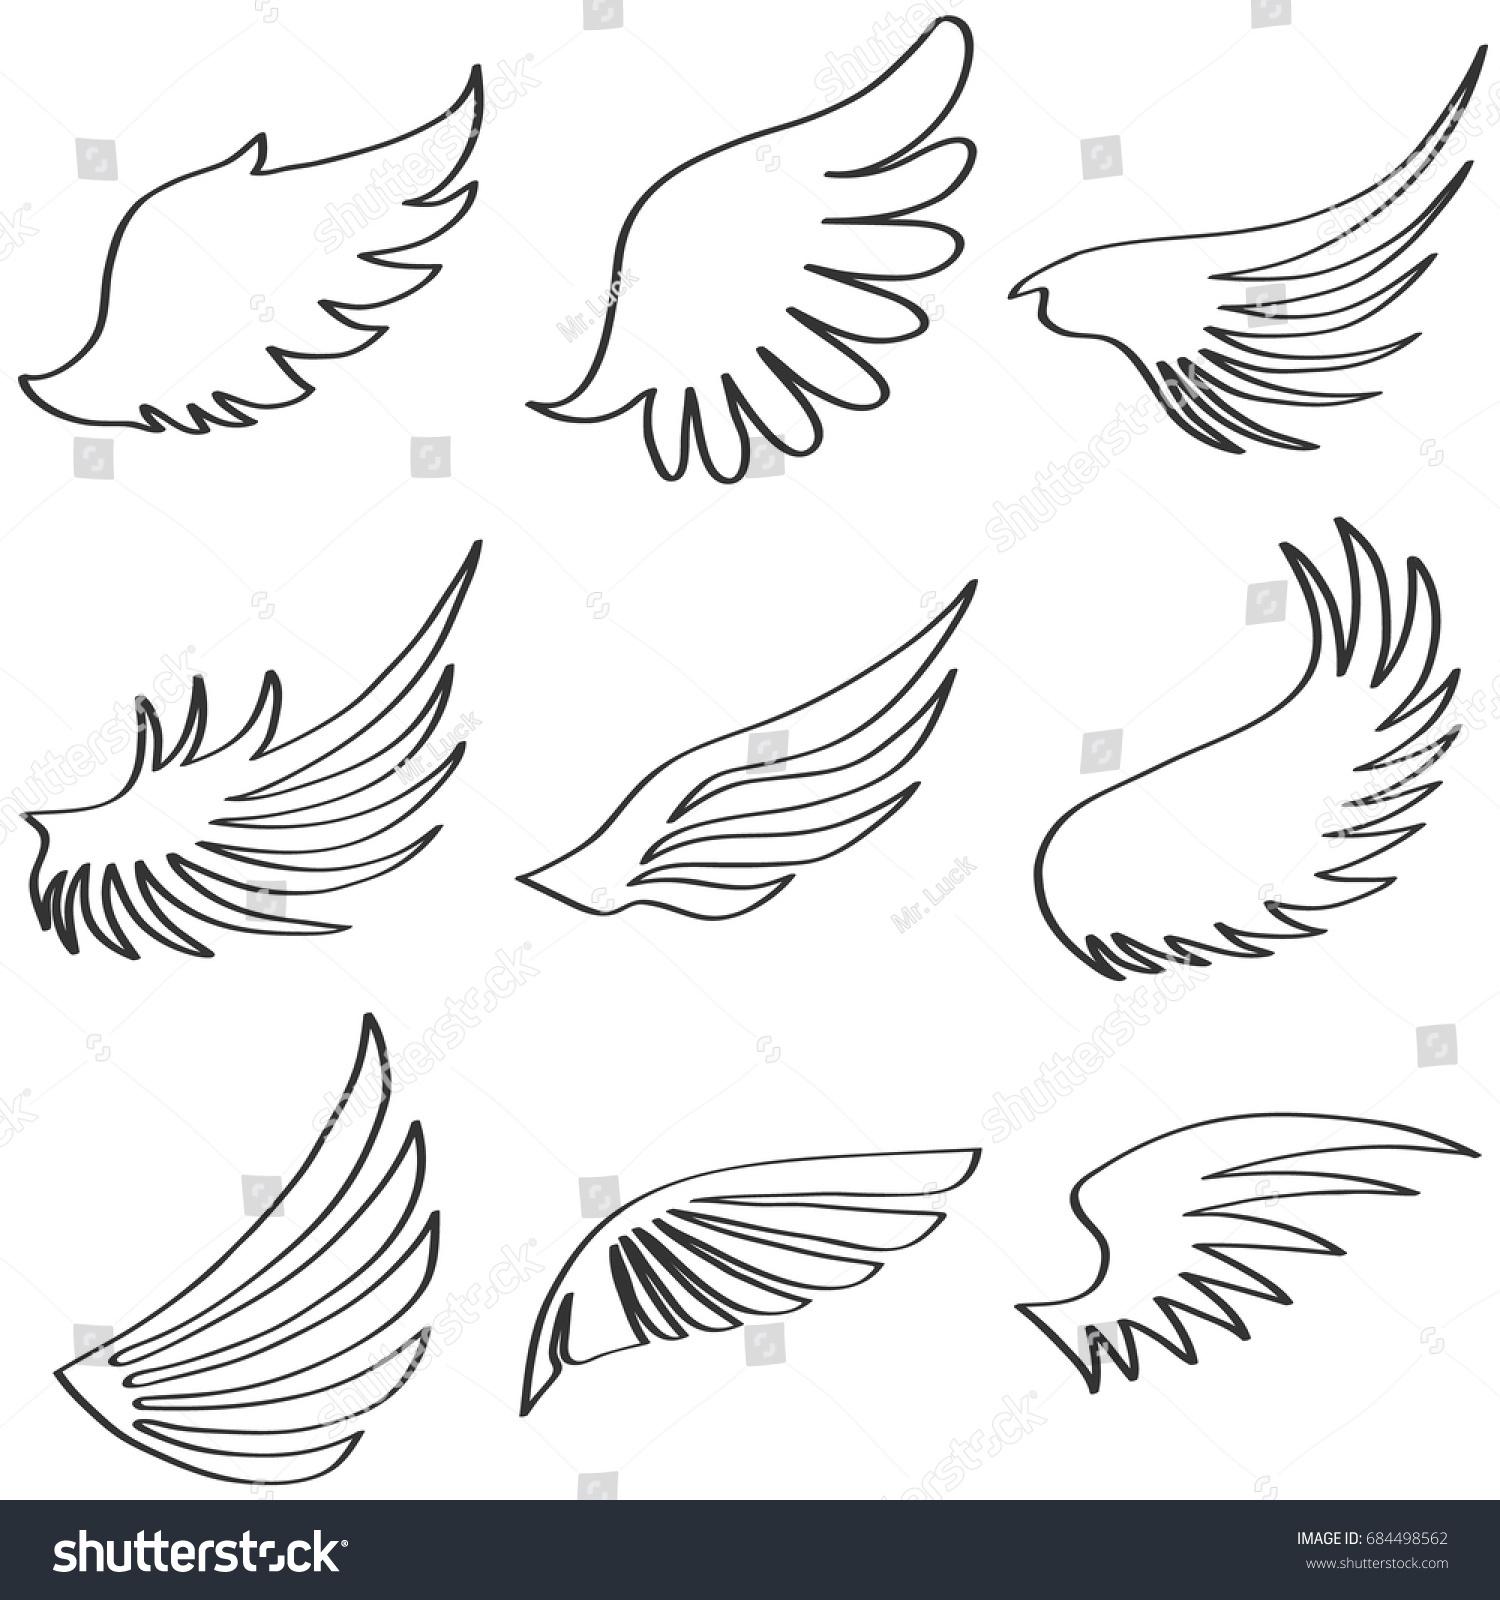 wings angel black white wings angel stock vector 684498562